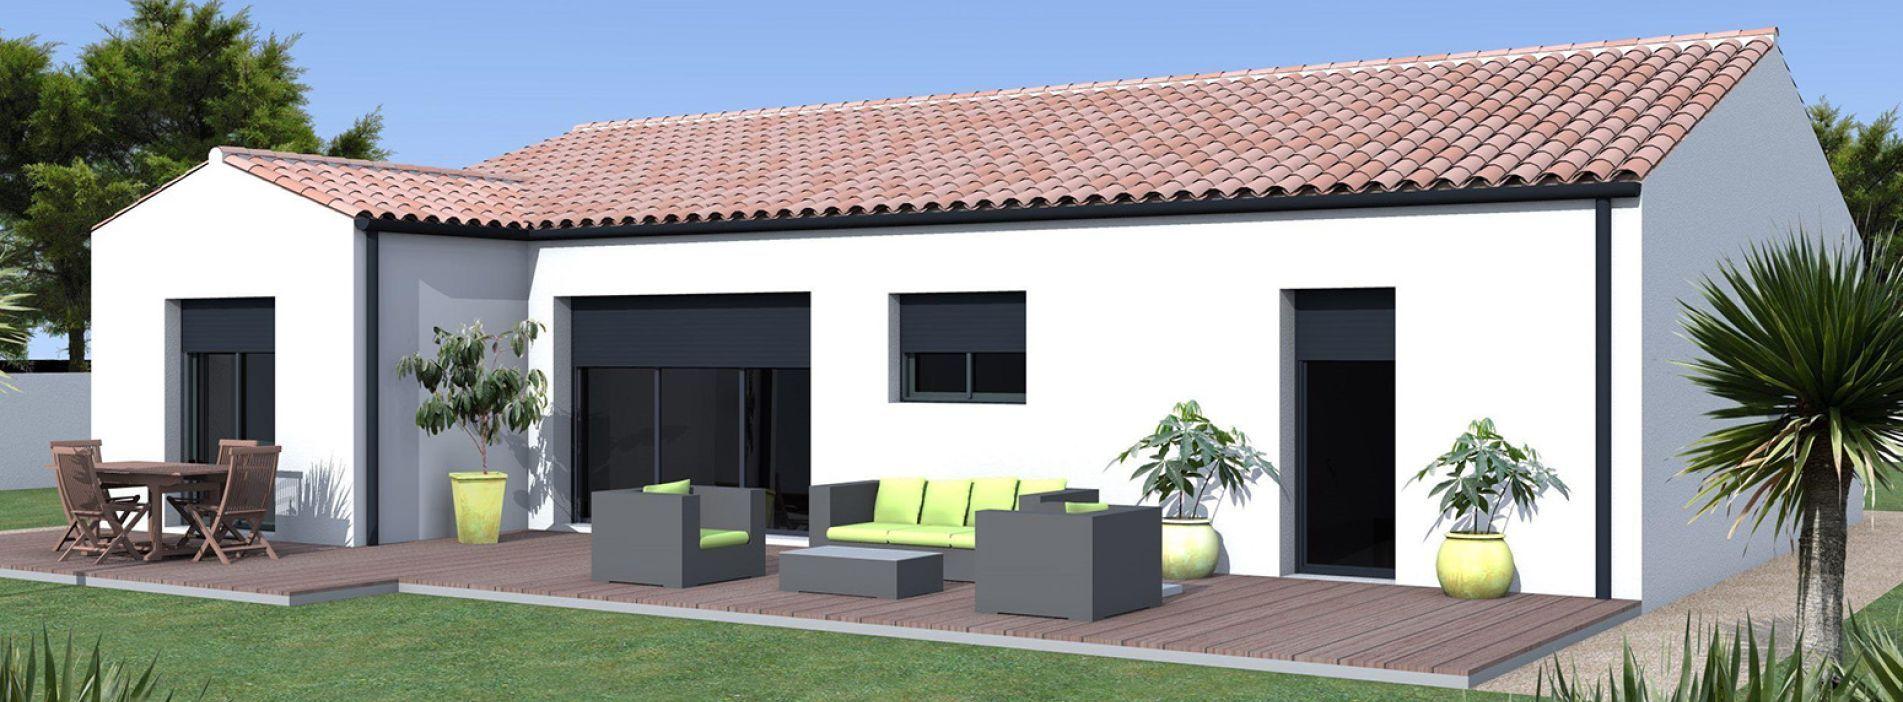 Image Maison 95.23 m² avec terrain à SAINT-ANDRE-DE-CUBZAC (GIRONDE - 33)